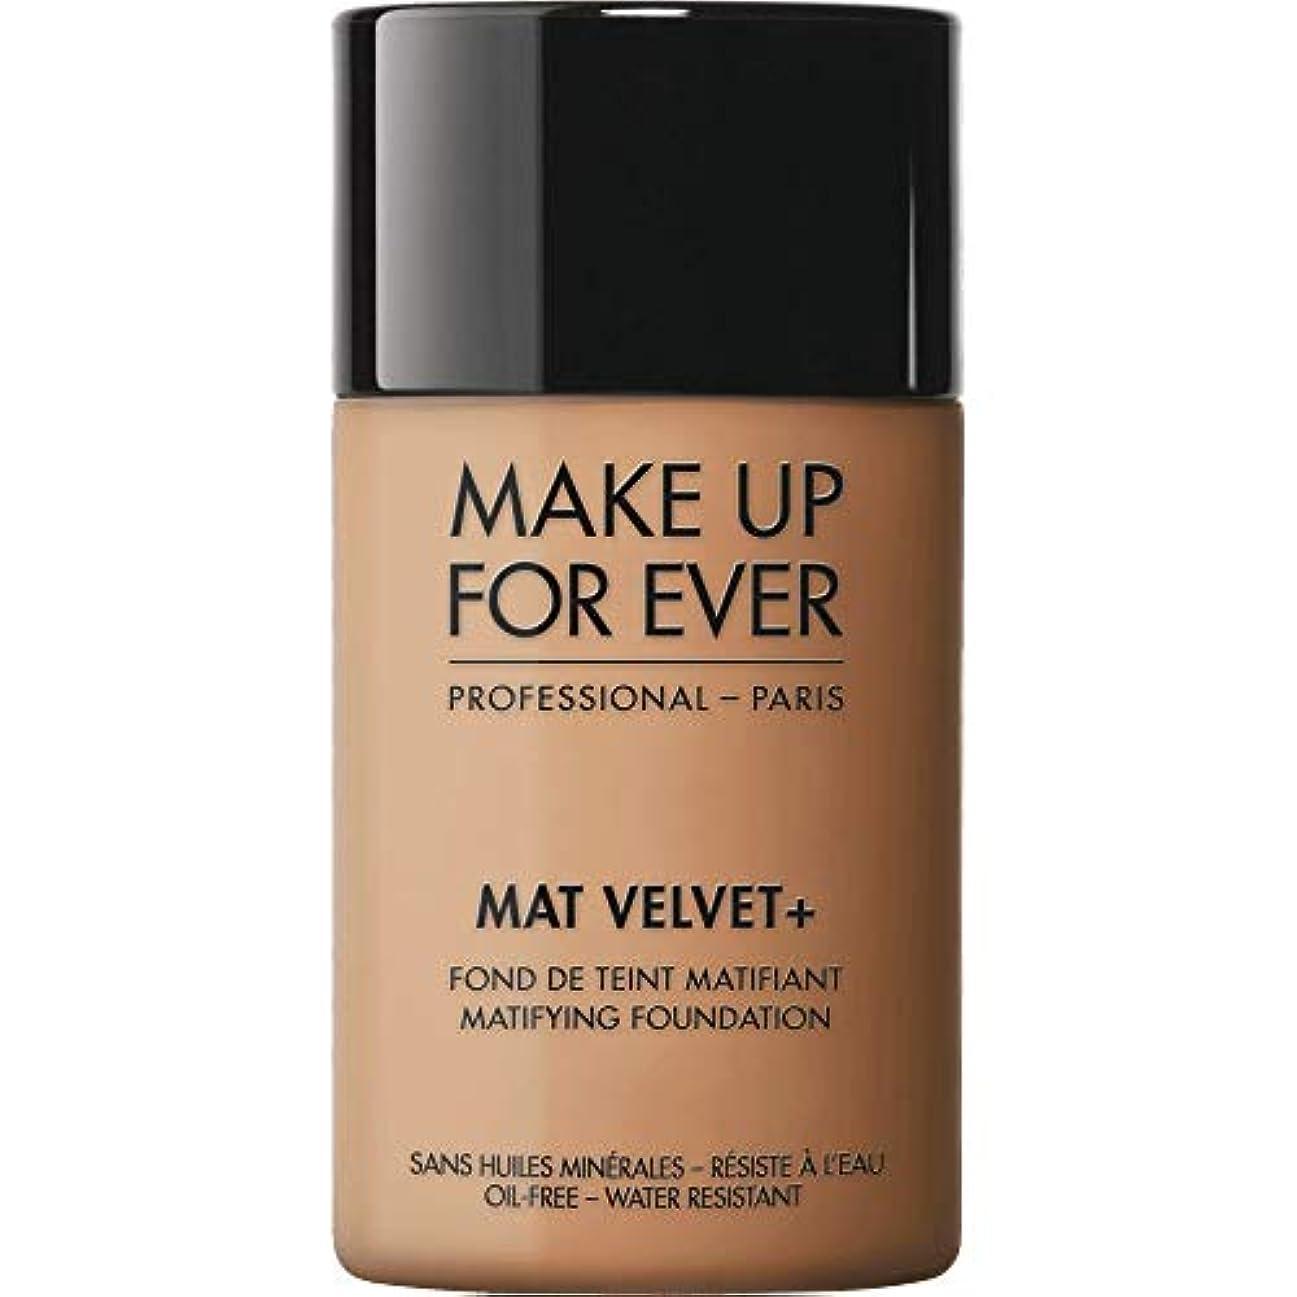 ボタン告発者過去[MAKE UP FOR EVER ] 暖かい琥珀 - これまでマットベルベット+マティファイングの基礎30ミリリットル67を補います - MAKE UP FOR EVER Mat Velvet+ Matifying Foundation...